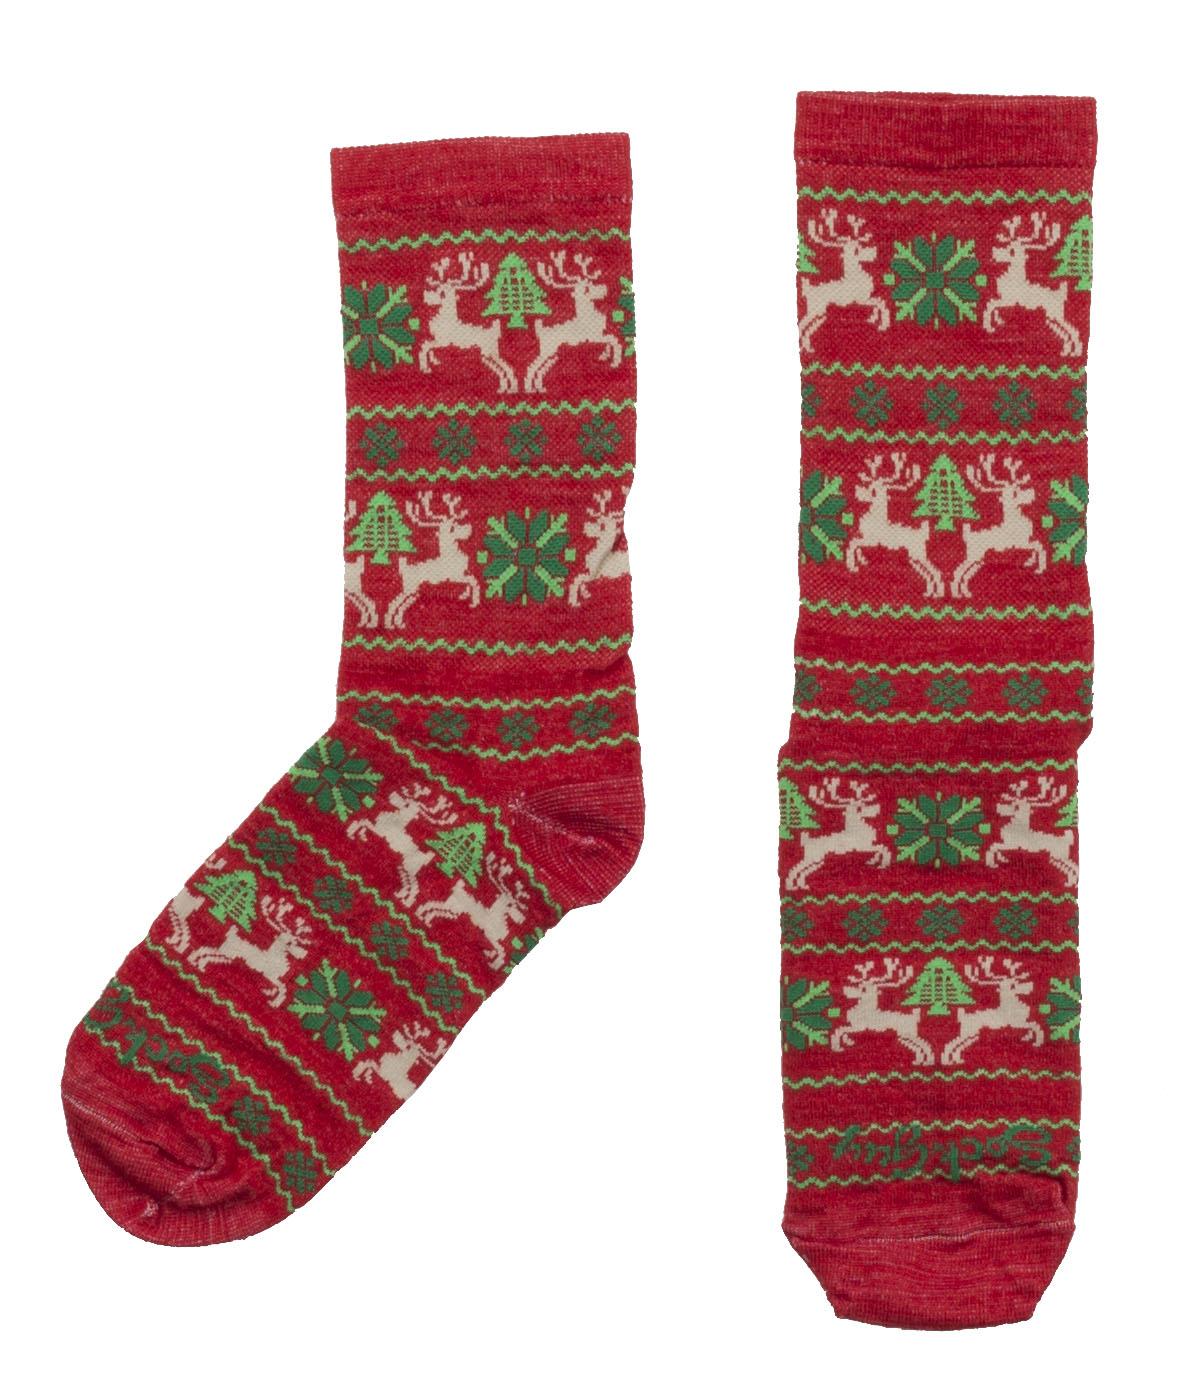 Sockguy Sweater Red Wool Socks